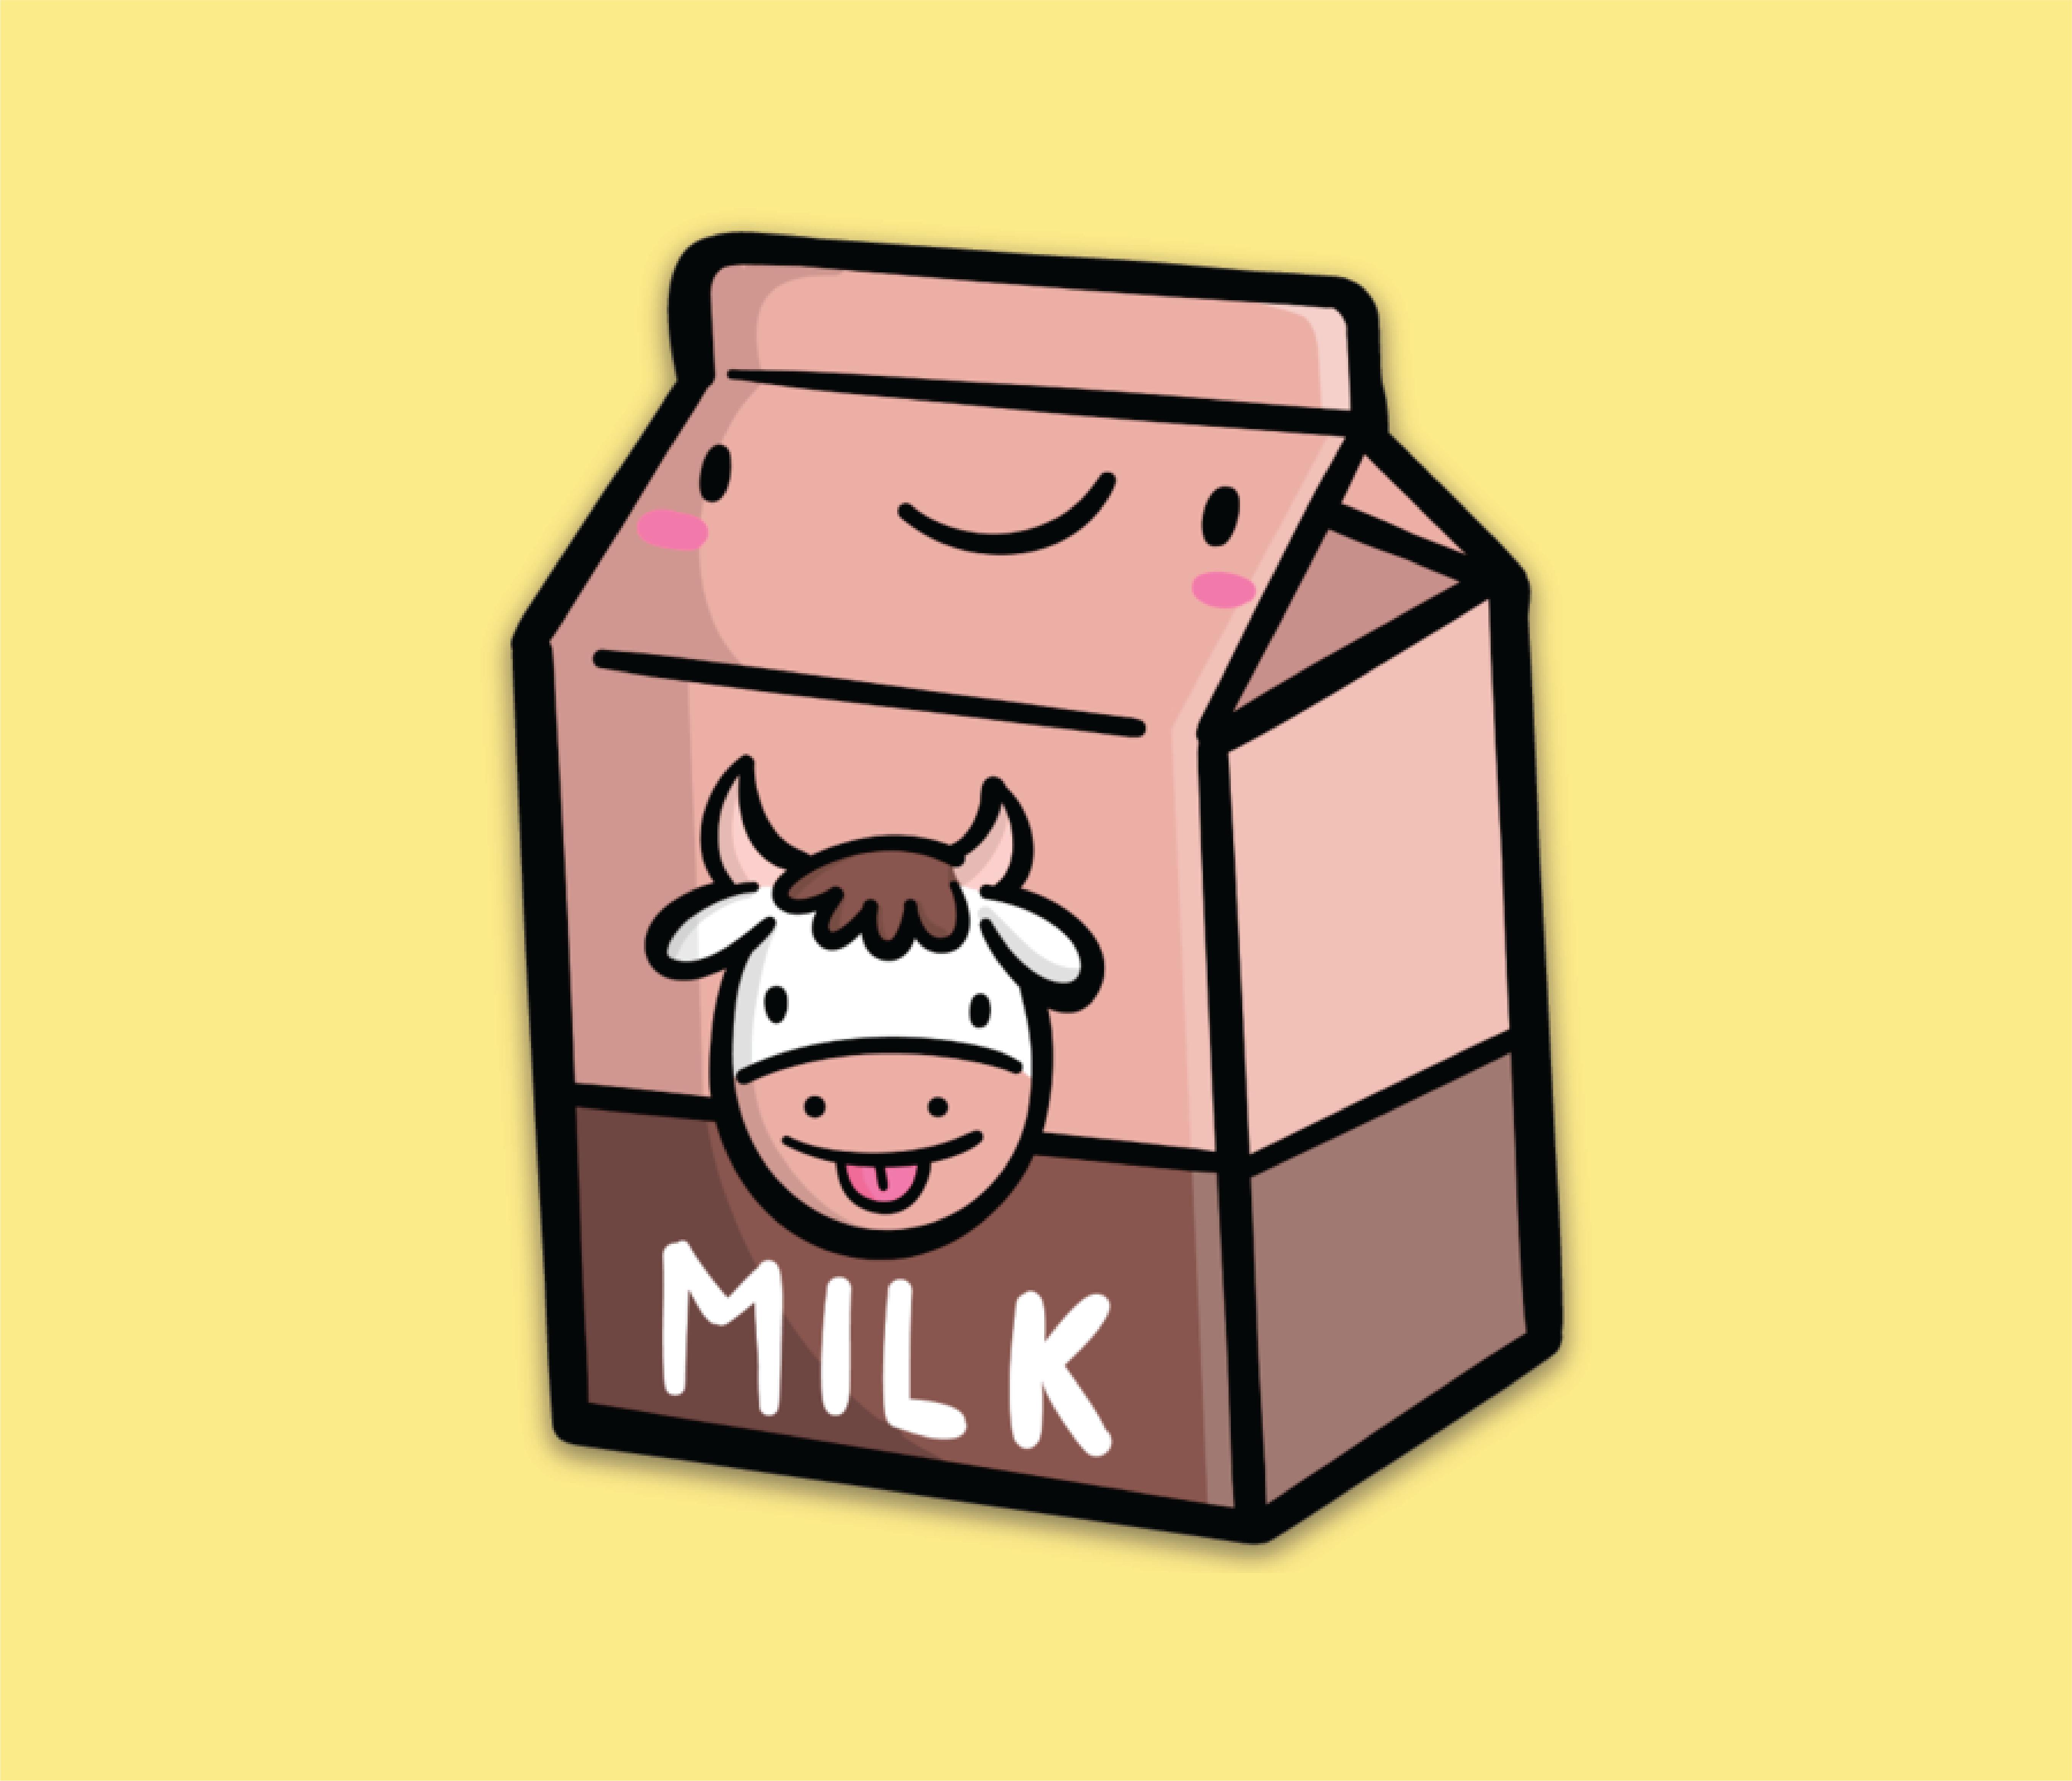 Chocolate Milk Vinyl Sticker Stiker Desain Stiker Desain